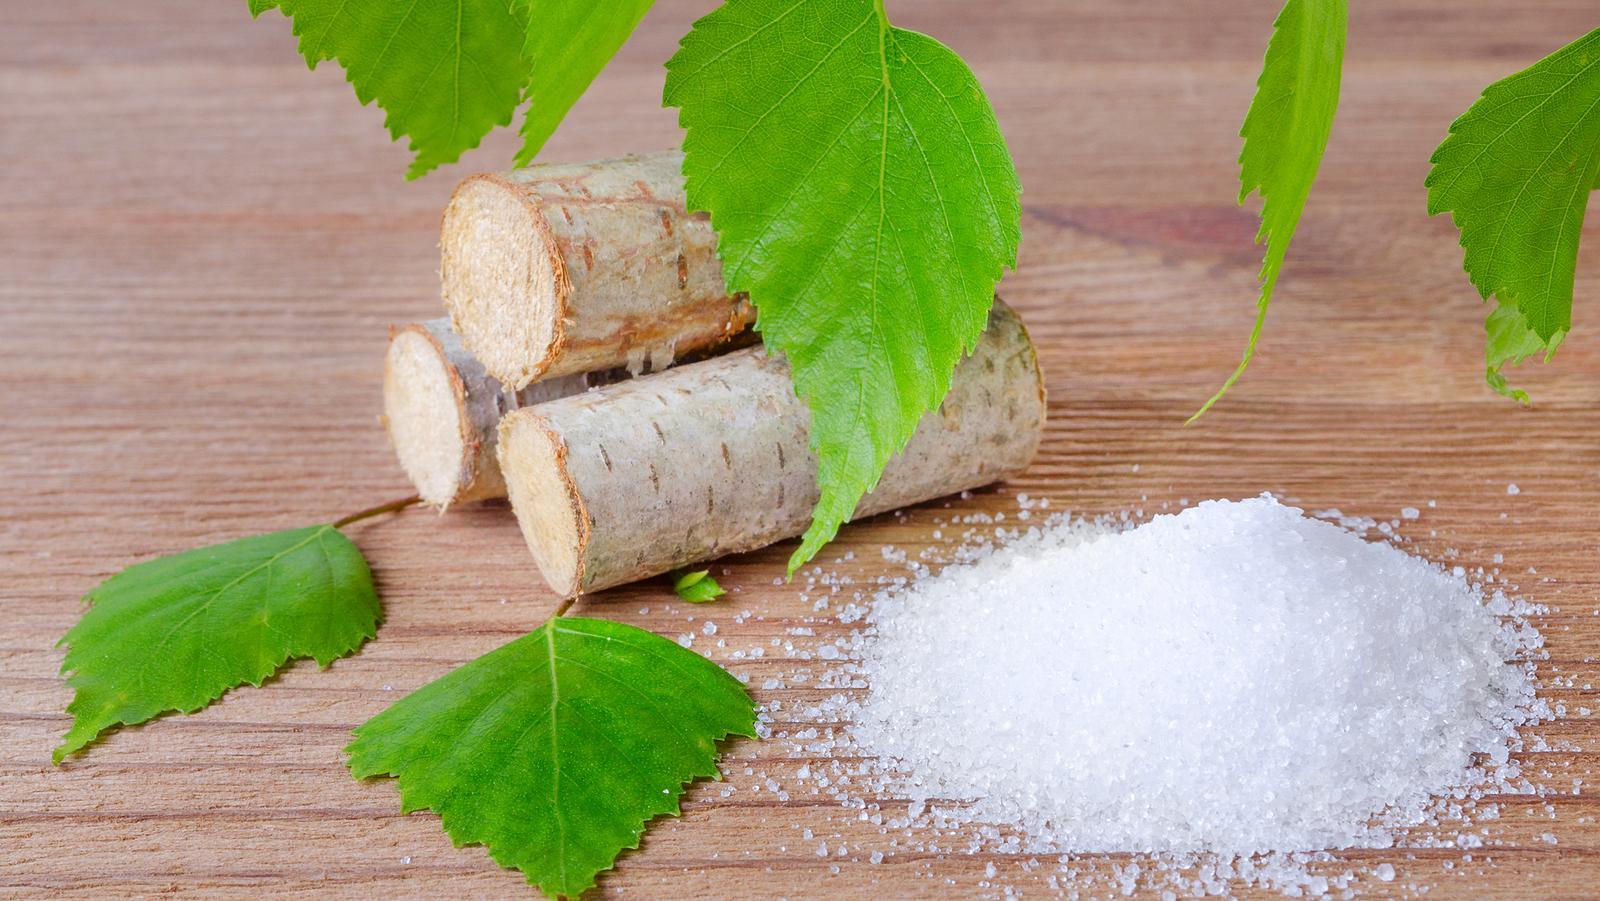 Tajemství xylitolu: Co má společné kukuřice a březový cukr?